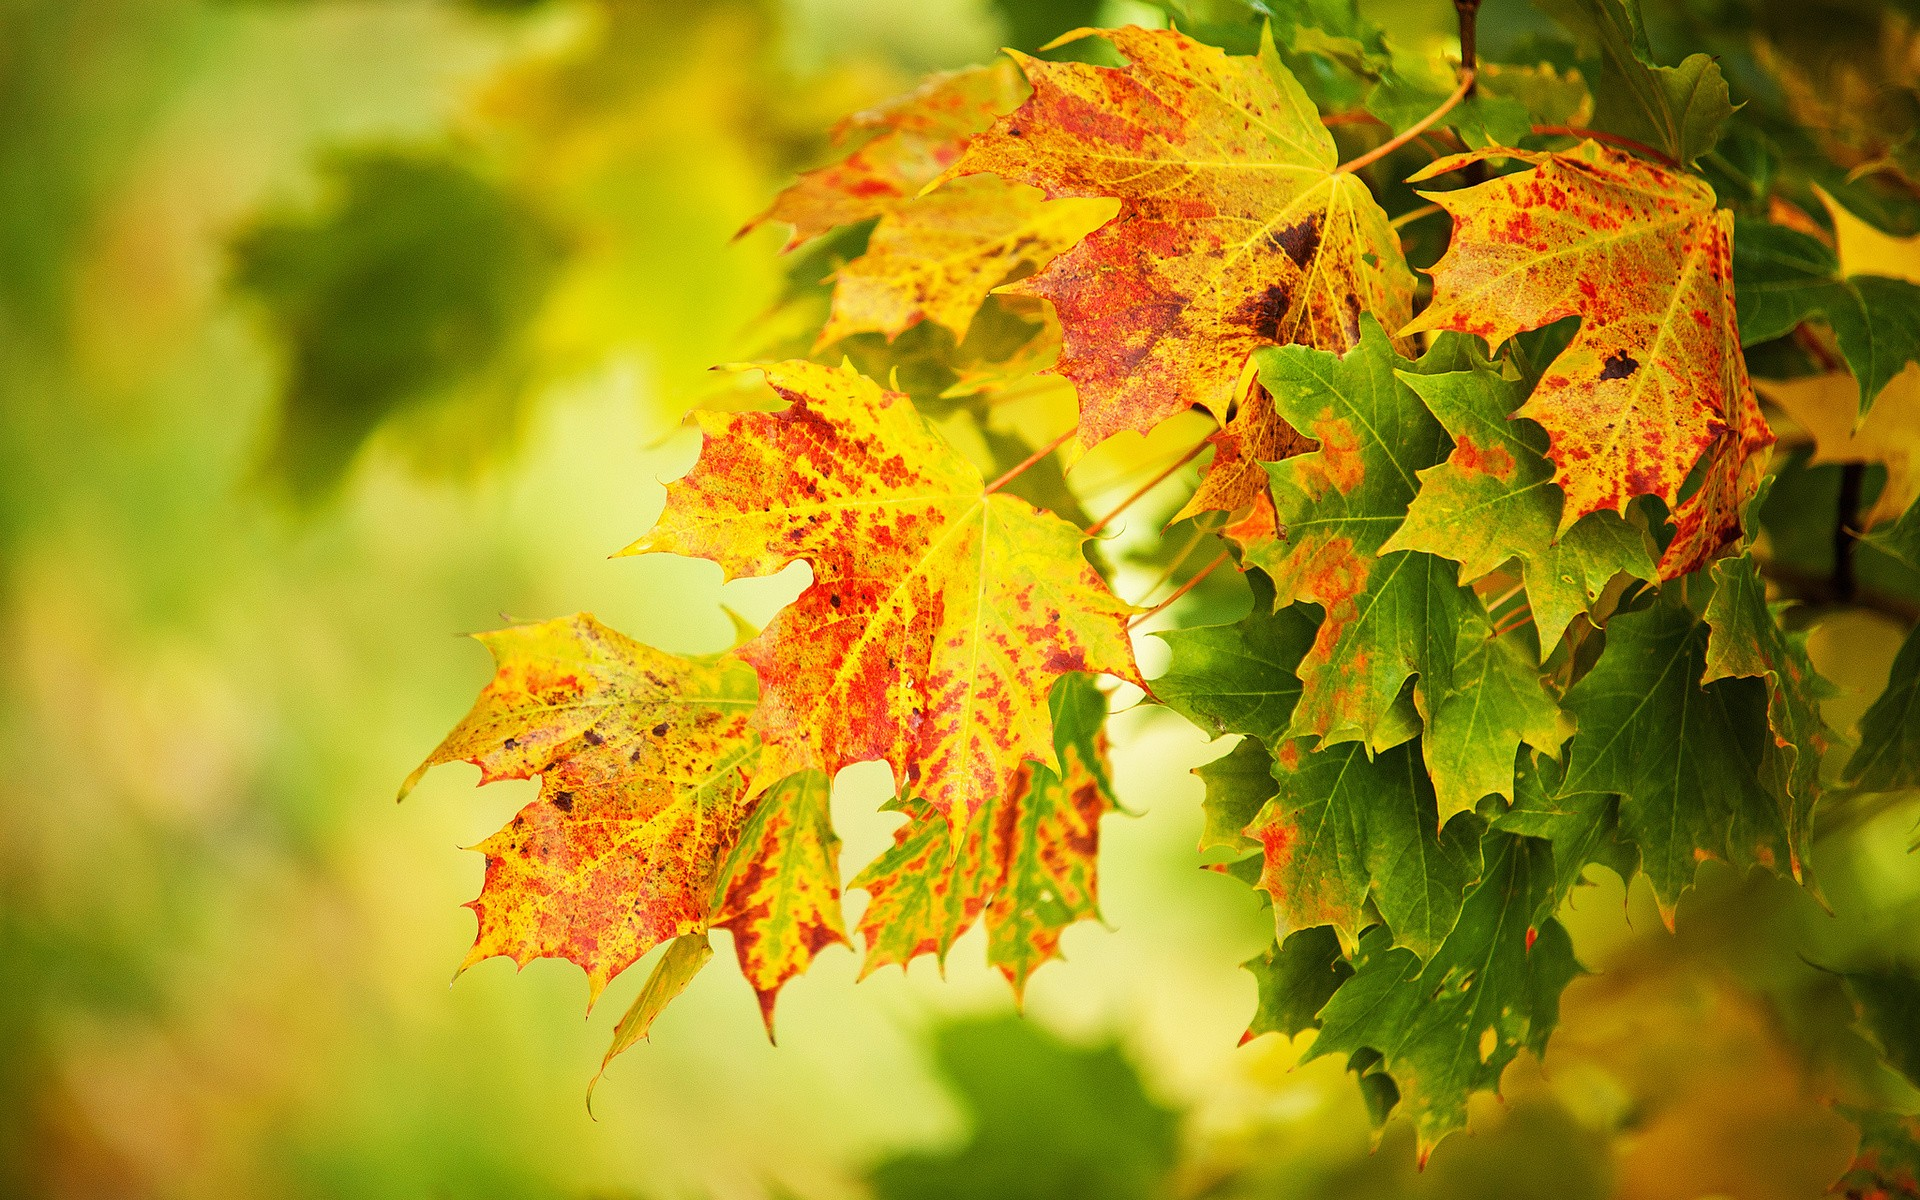 картинки листопад зеленый